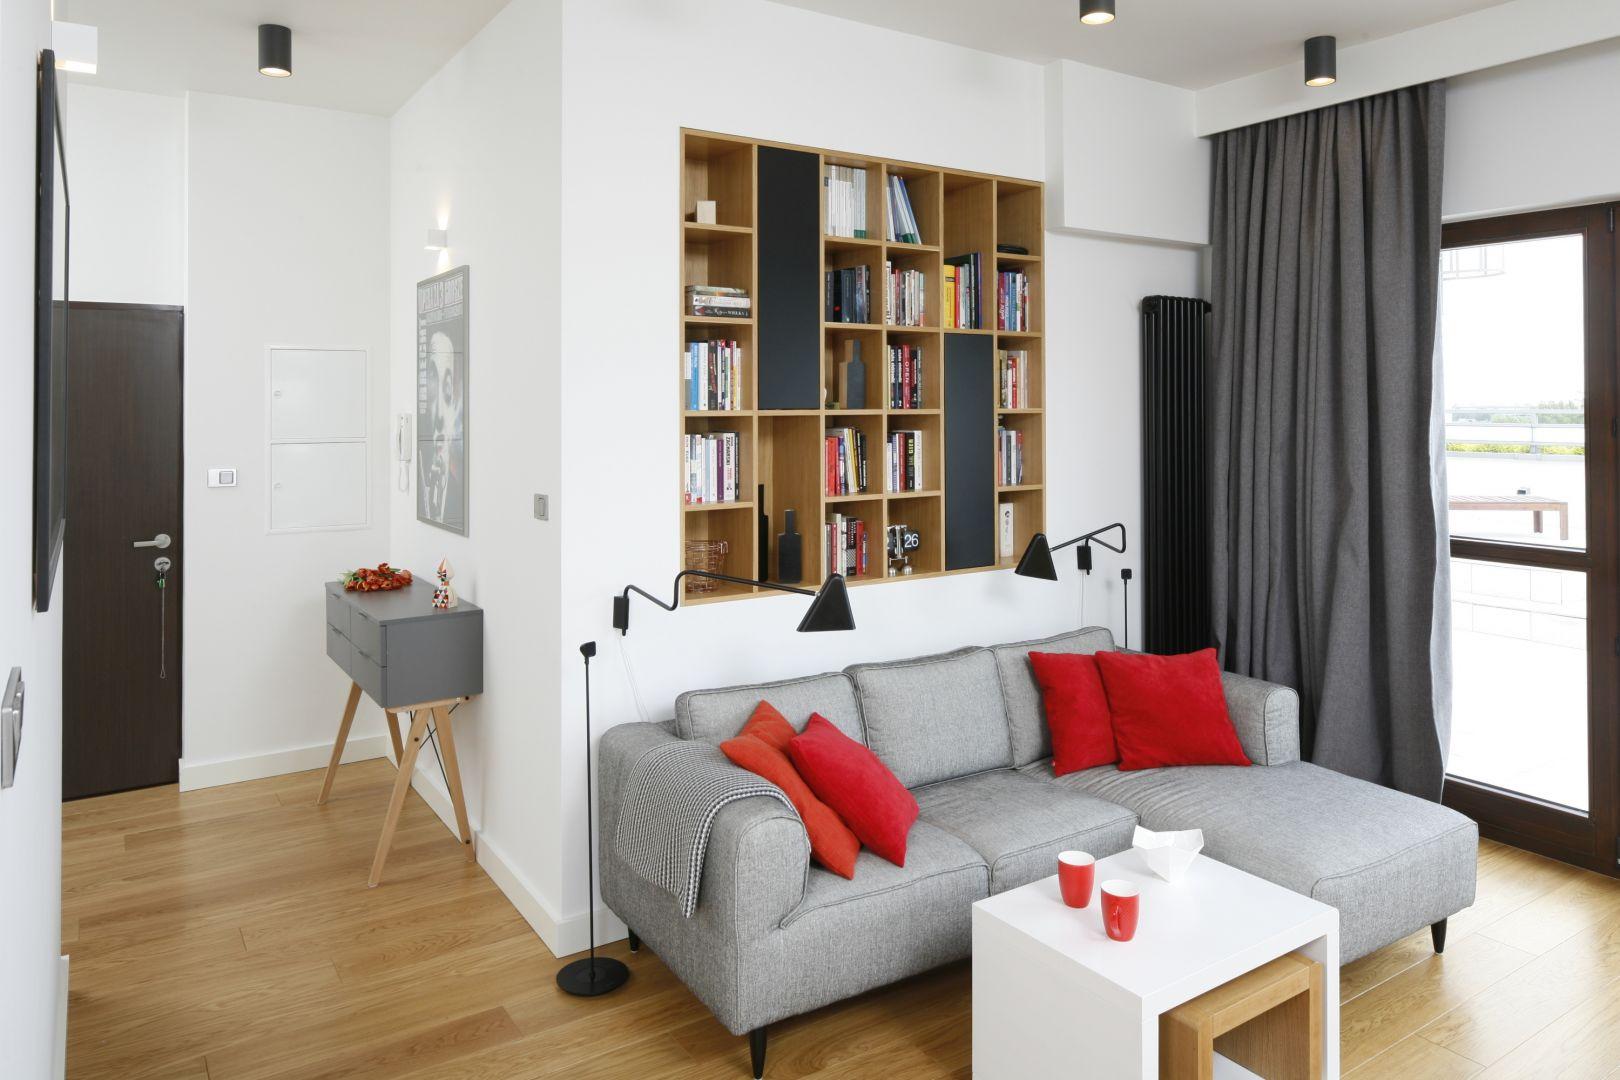 Ścianę za kanapą wykorzystano na praktyczne półki. Projekt Małgorzata Łyszczarz. Fot. Bartosz Jarosz